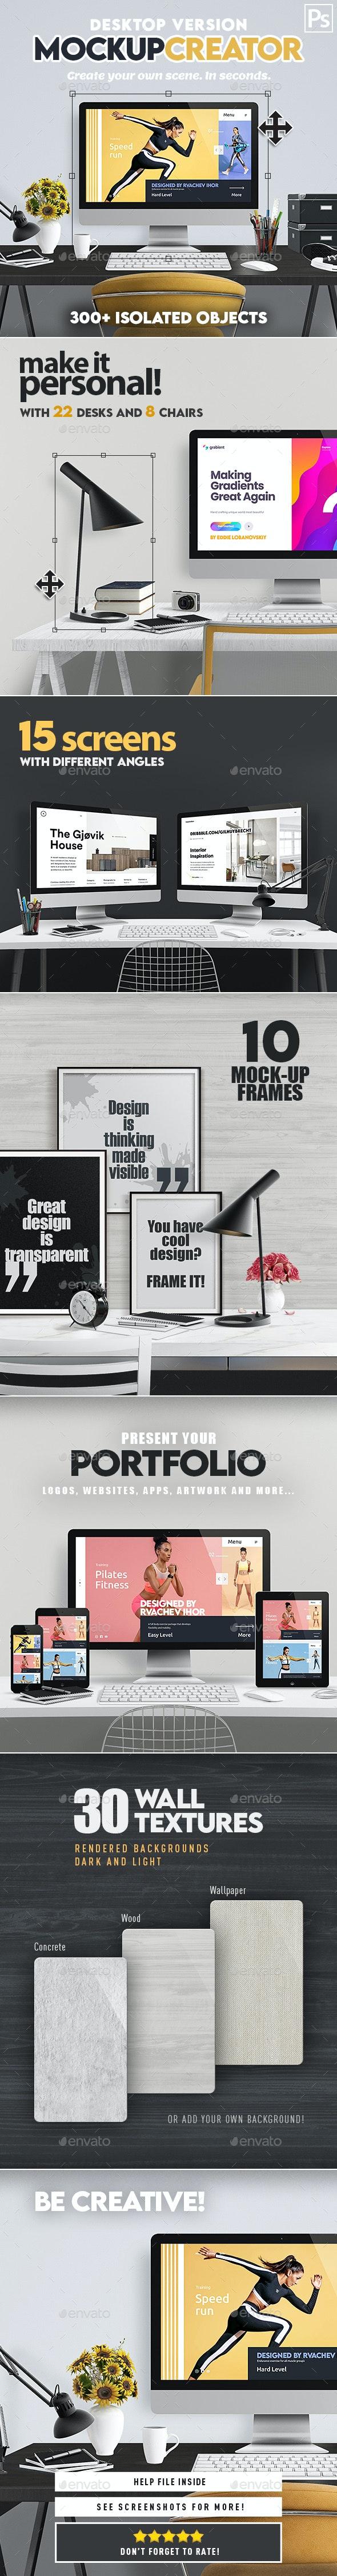 Desktop Mock-Up Creator - Hero Images Graphics